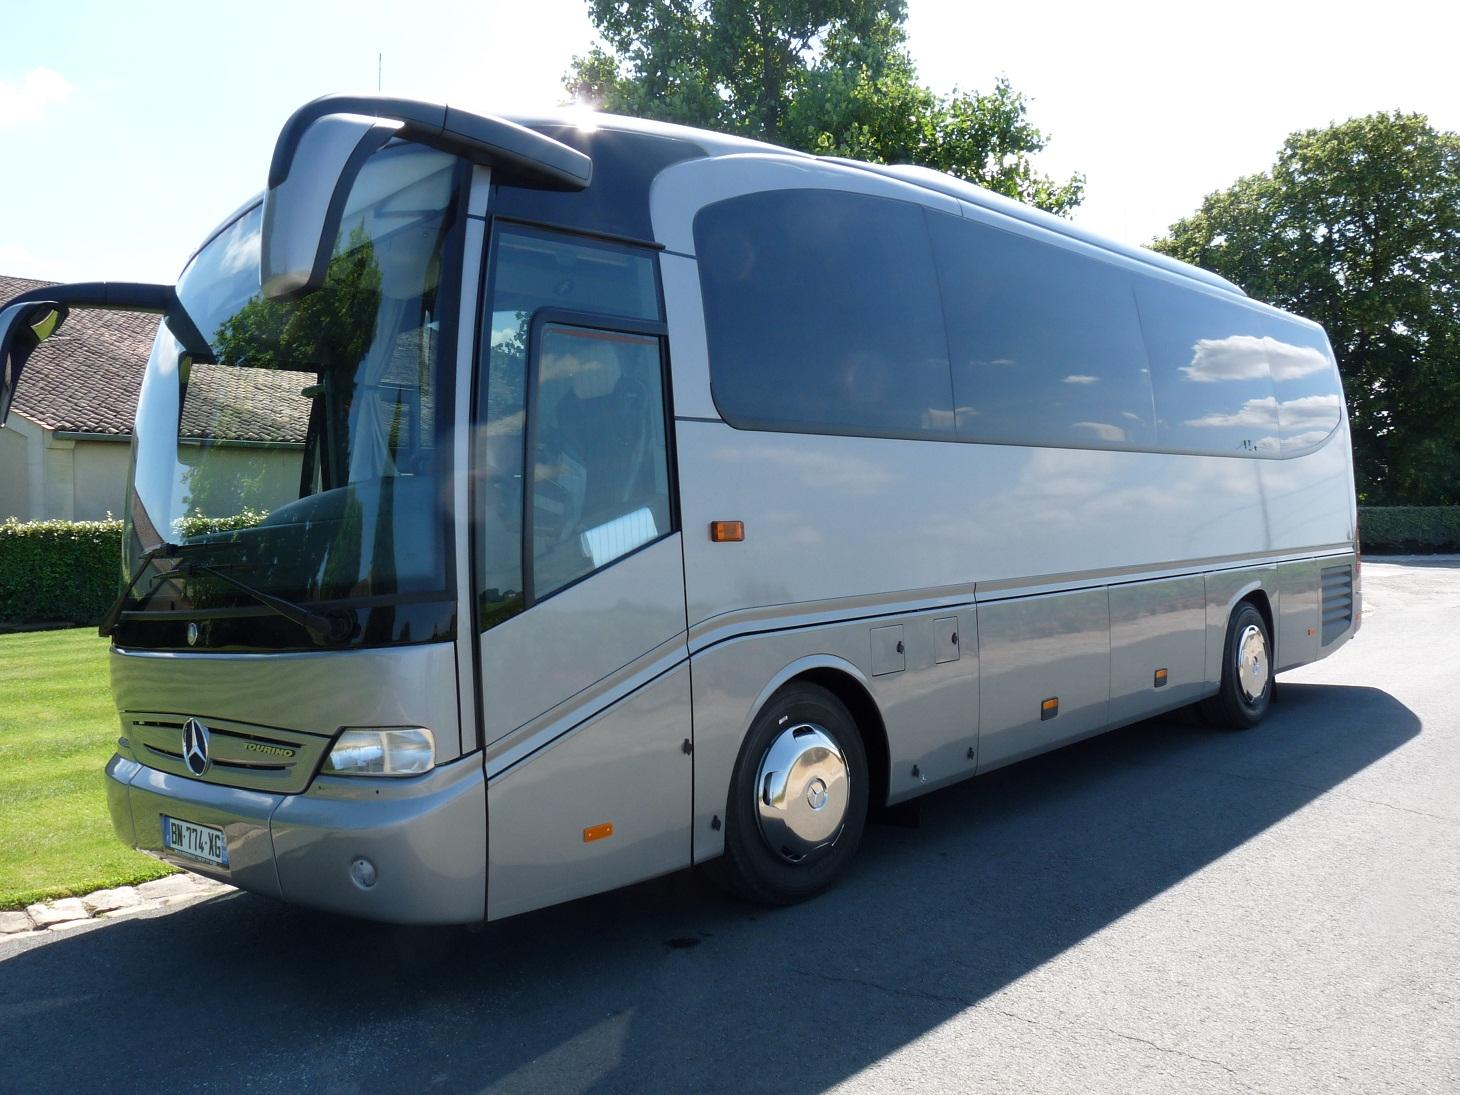 location de bus avec chauffeur bordeaux bus de tourisme atl33 atl33. Black Bedroom Furniture Sets. Home Design Ideas